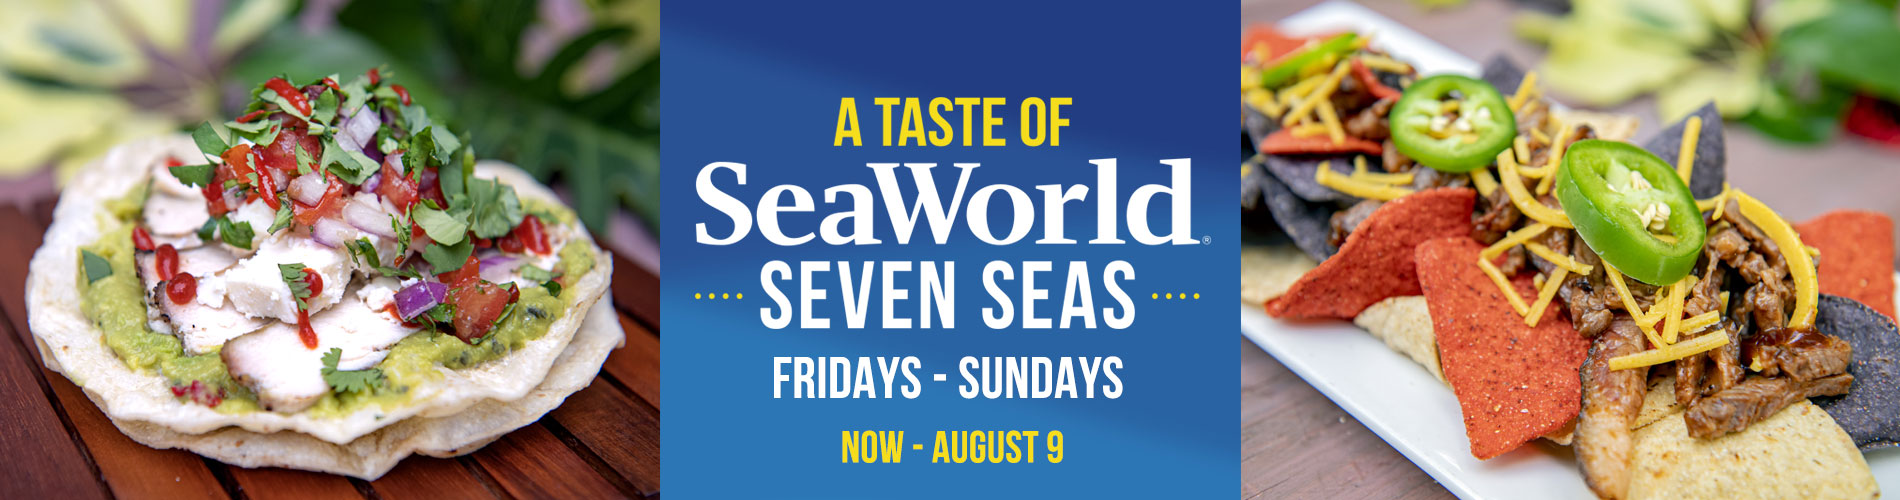 A Taste of SeaWorld Seven Seas Event at SeaWorld Orlando